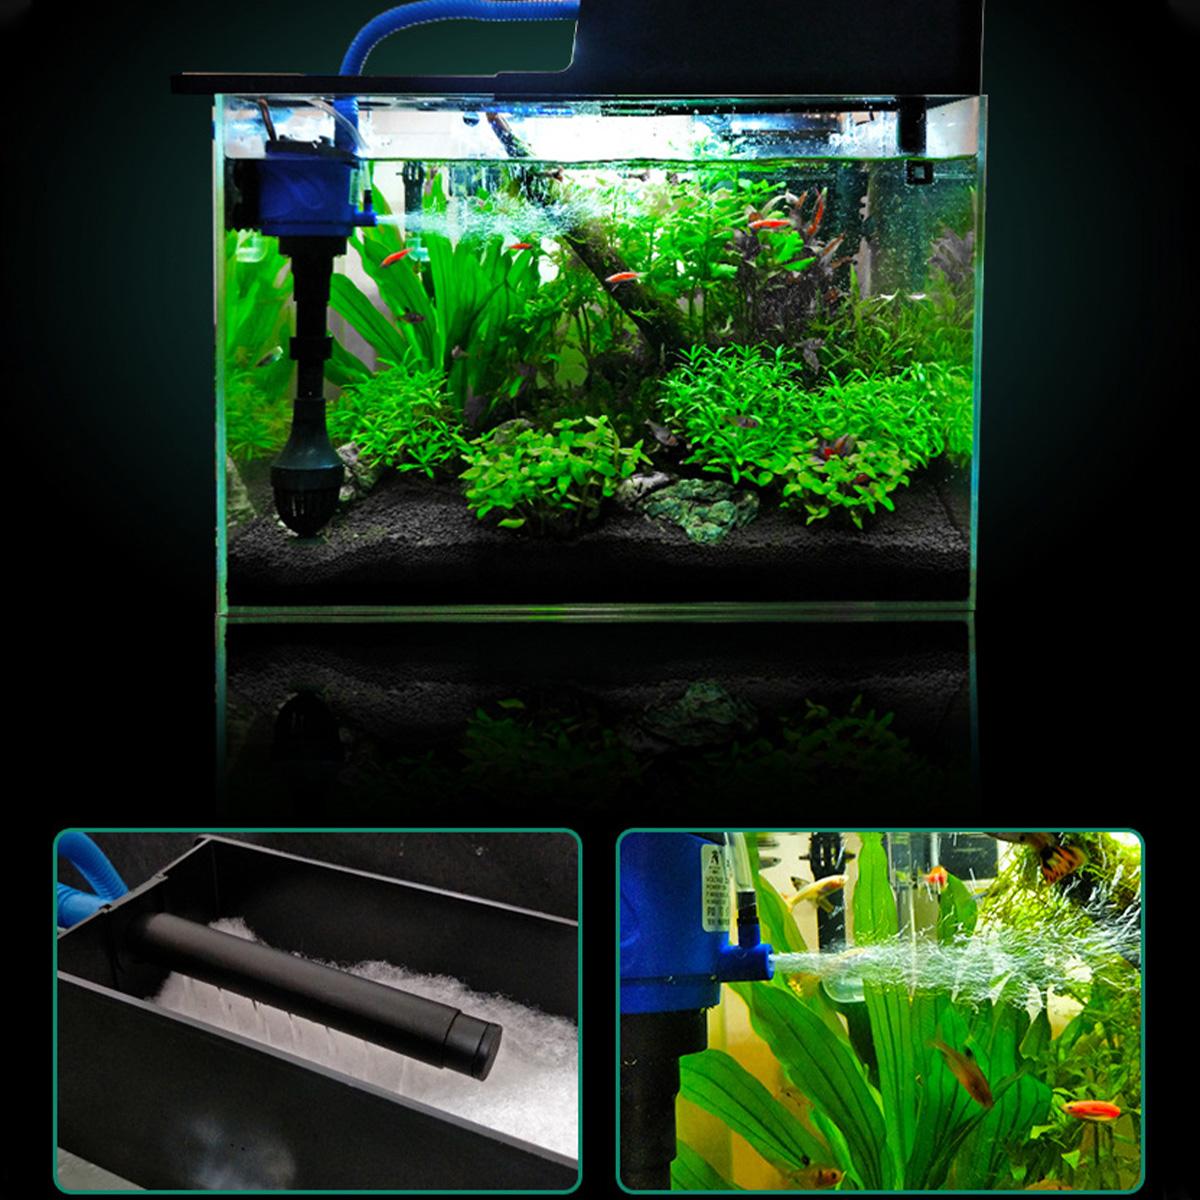 3 in 1 Aquarium Submersible Water Pump Filter Submersible Water Pump